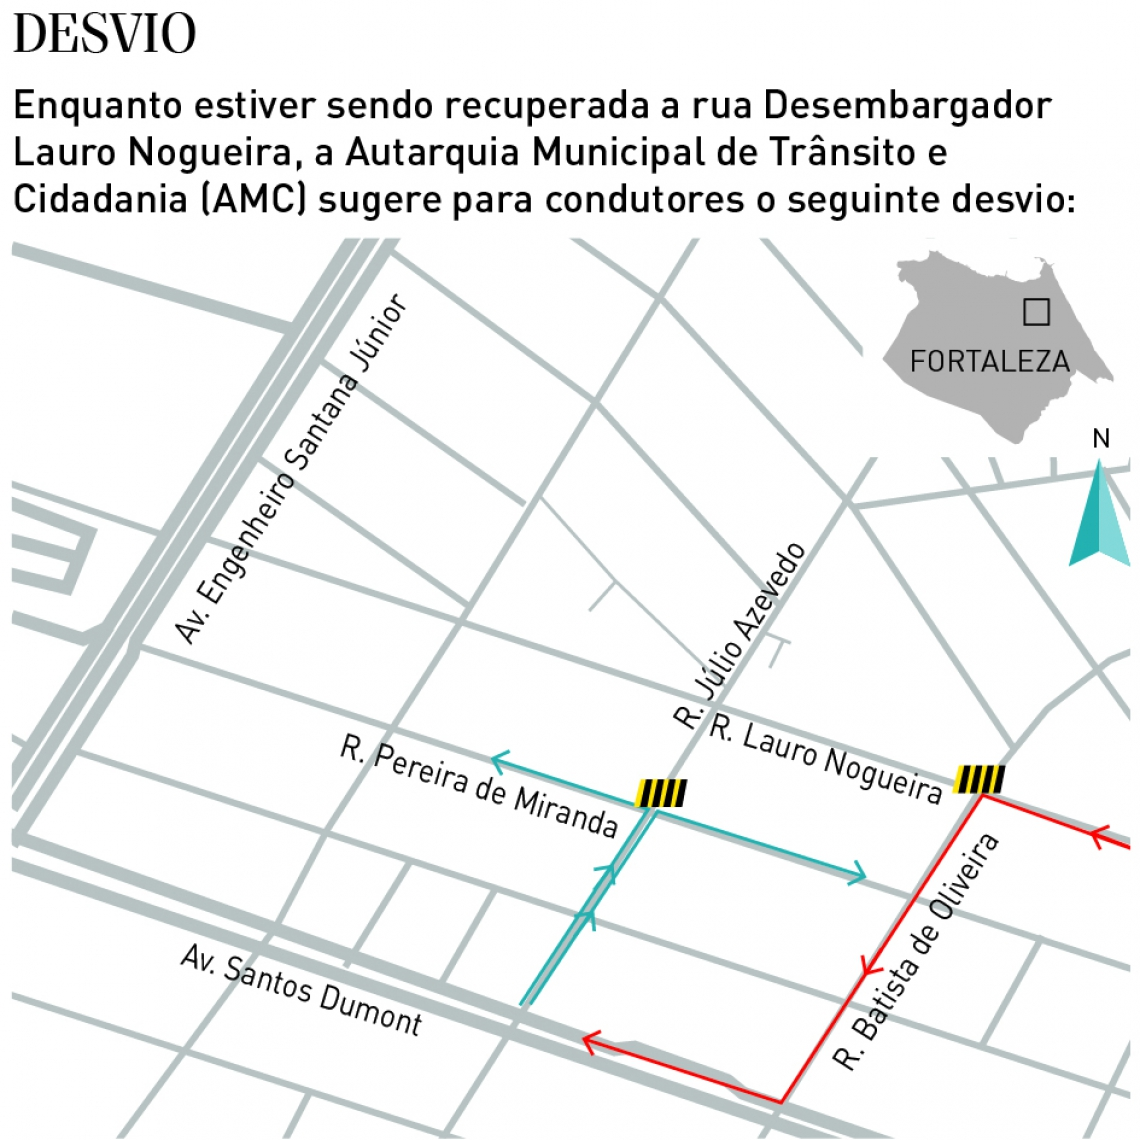 FORTALEZA, CE, BRASIL,25.03.2019: Cratera feita pelas chuvas continua aberta no Papicu, rua desembargador Lauro Nogueira.  (Fotos: Fábio Lima/O POVO)